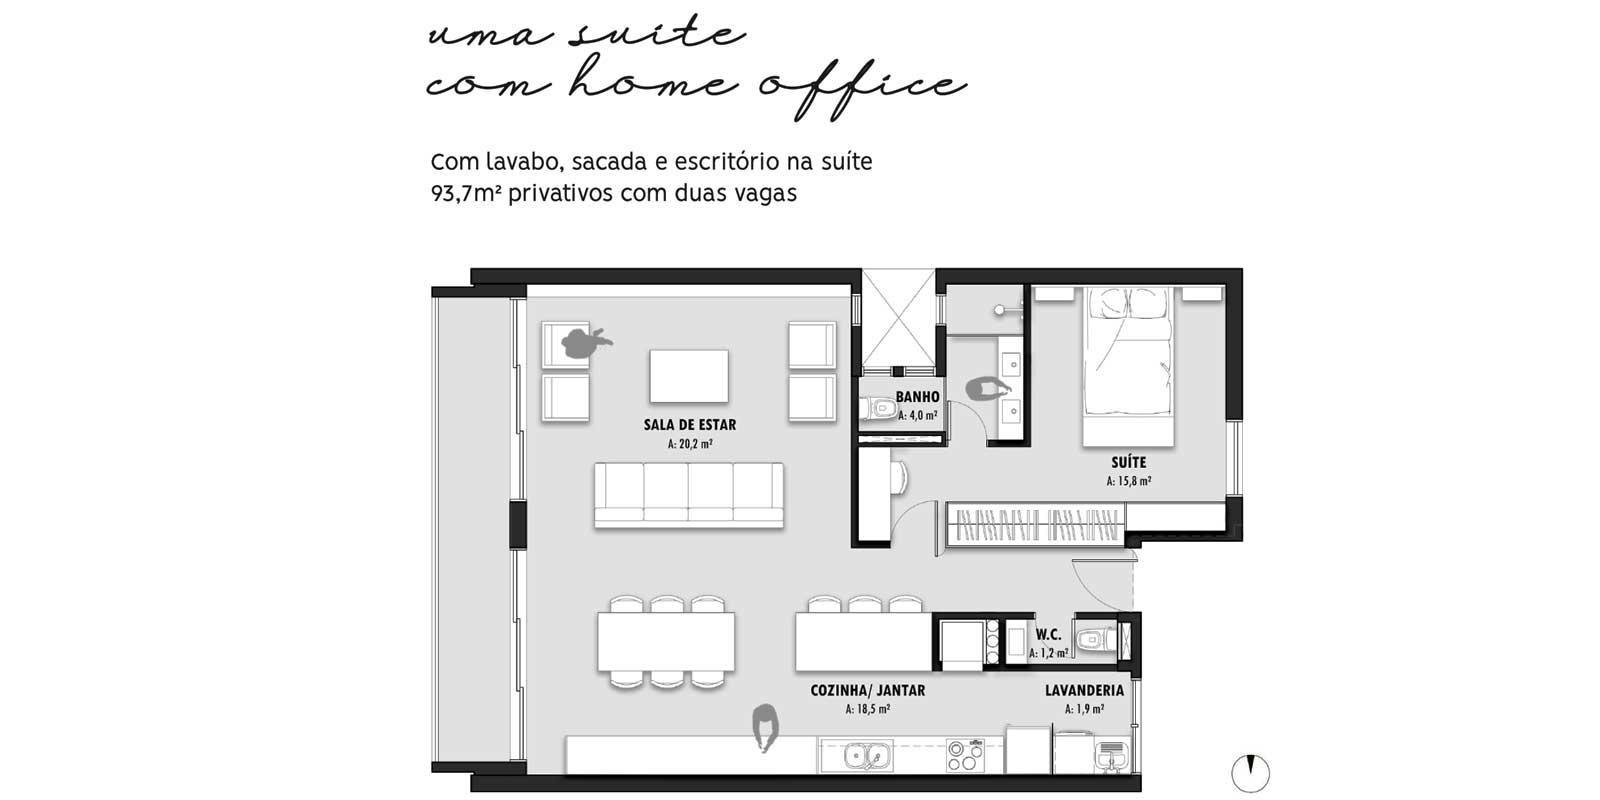 TPS Imóveis - Veja Foto 19 de 20 do Apartamentos com 1 ou 2 suítes com piscina na cobertura